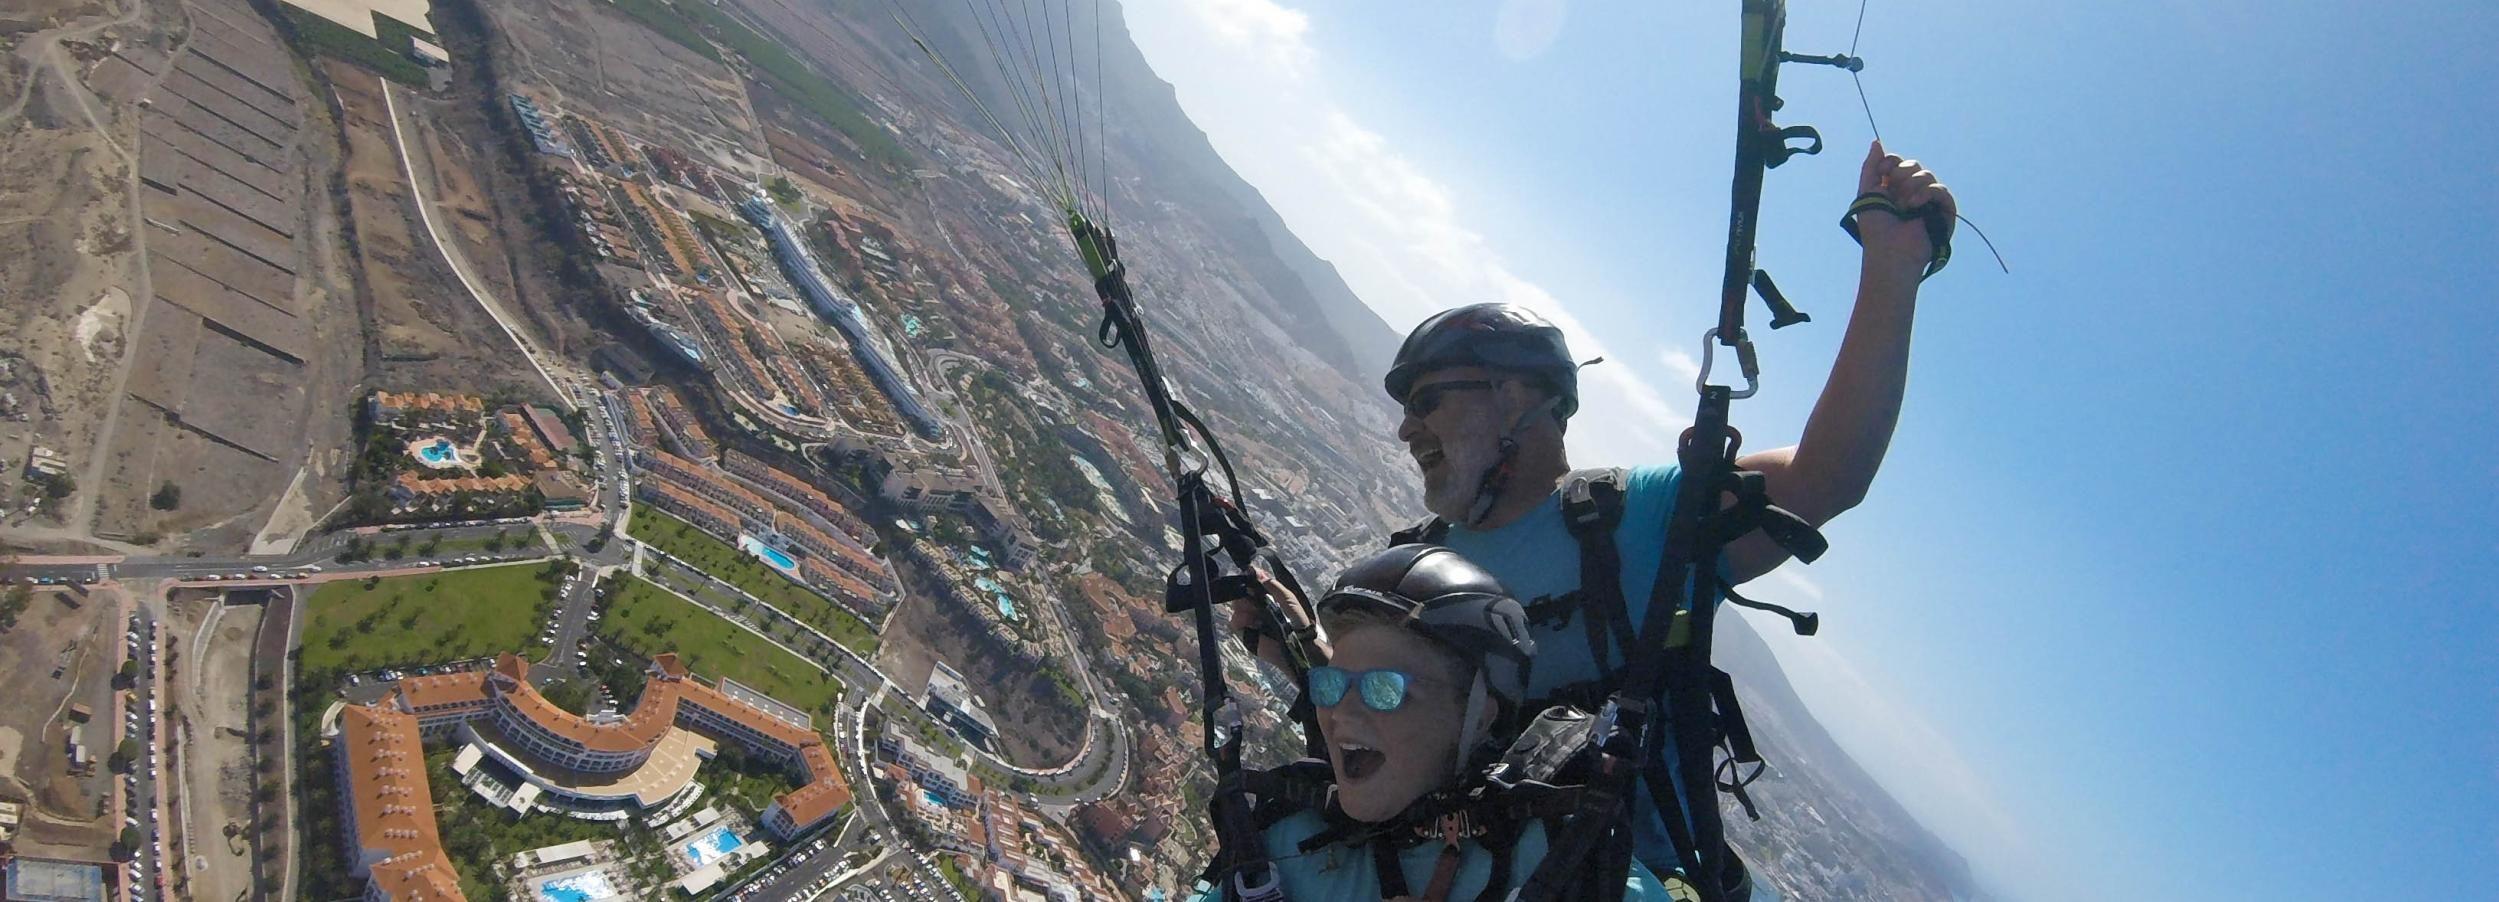 Barranco del Infierno: Paragliding-Erlebnis